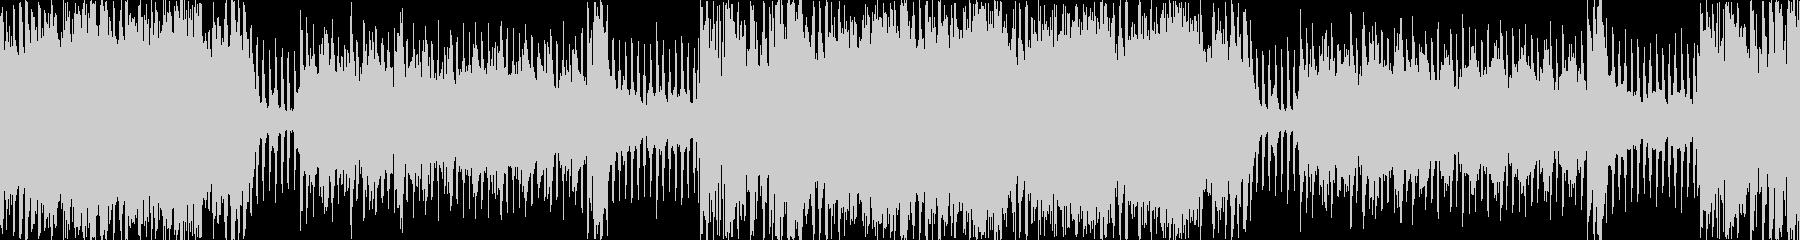 明るいシンフォニックな曲ですの未再生の波形